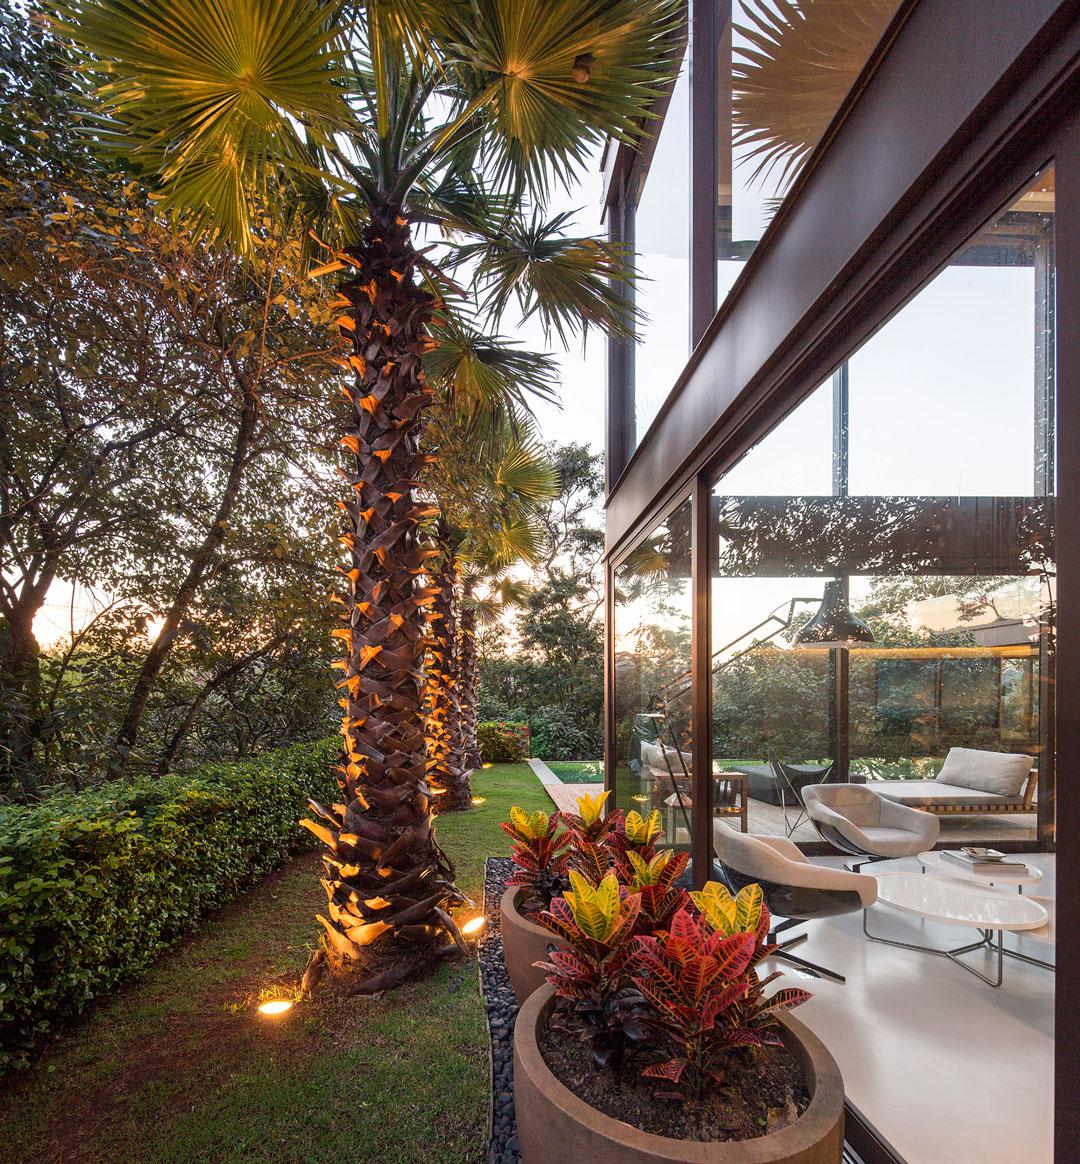 082-sao-paulo-brasil-casas-dos-sonhos-inspiracao-um-cafe-pra-dois